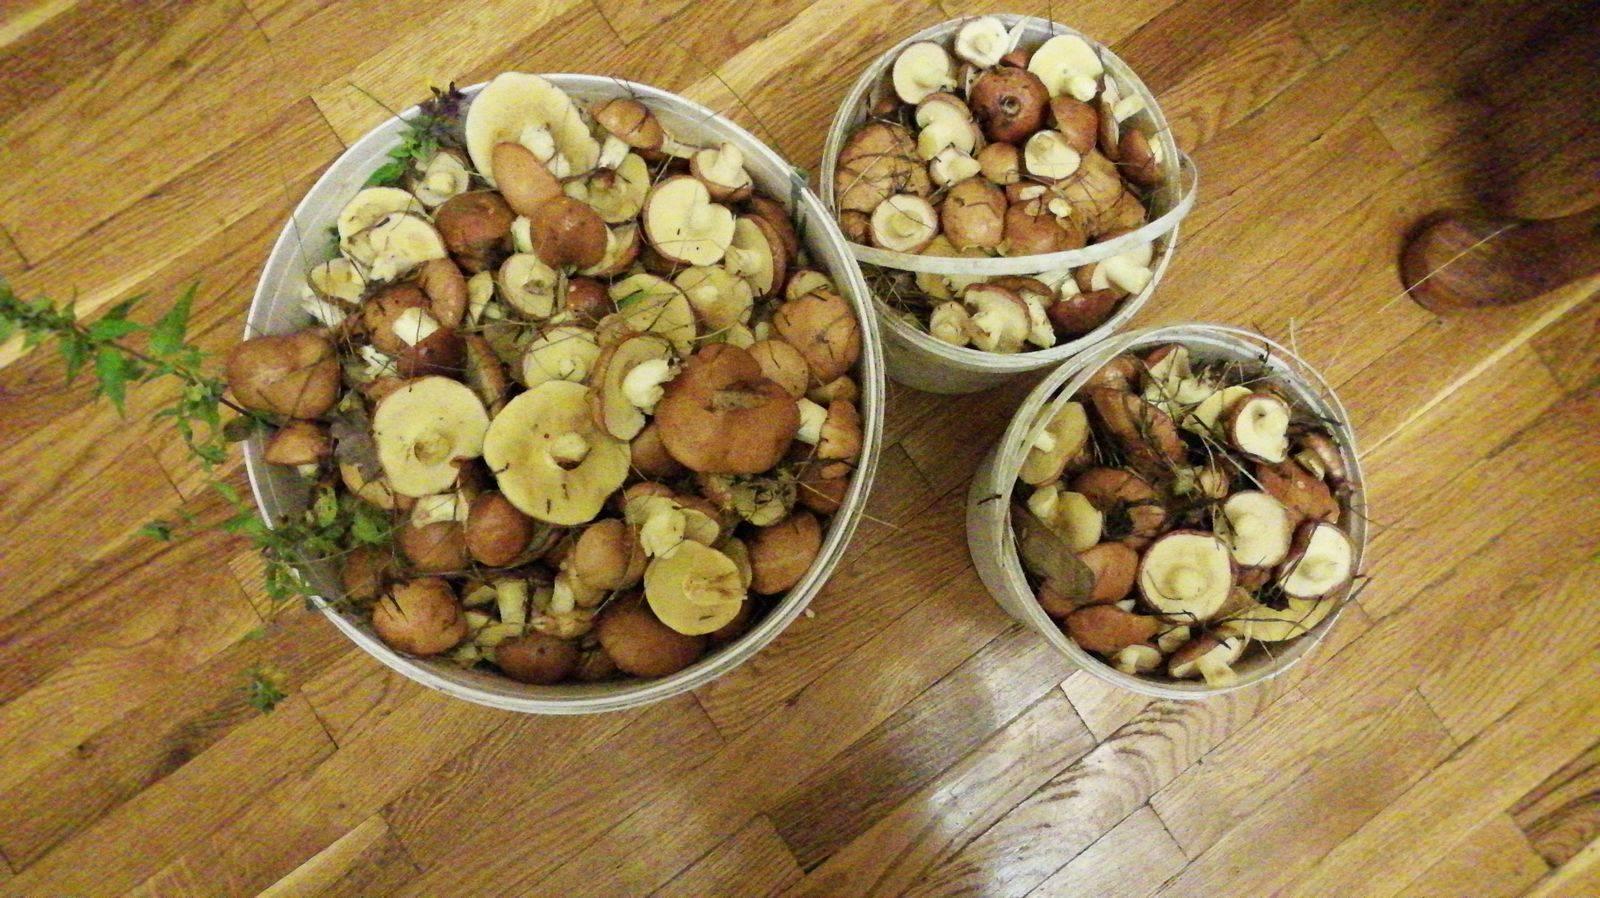 Съедобные грибы белоруссии: +41 фото, описание и как выглядят?